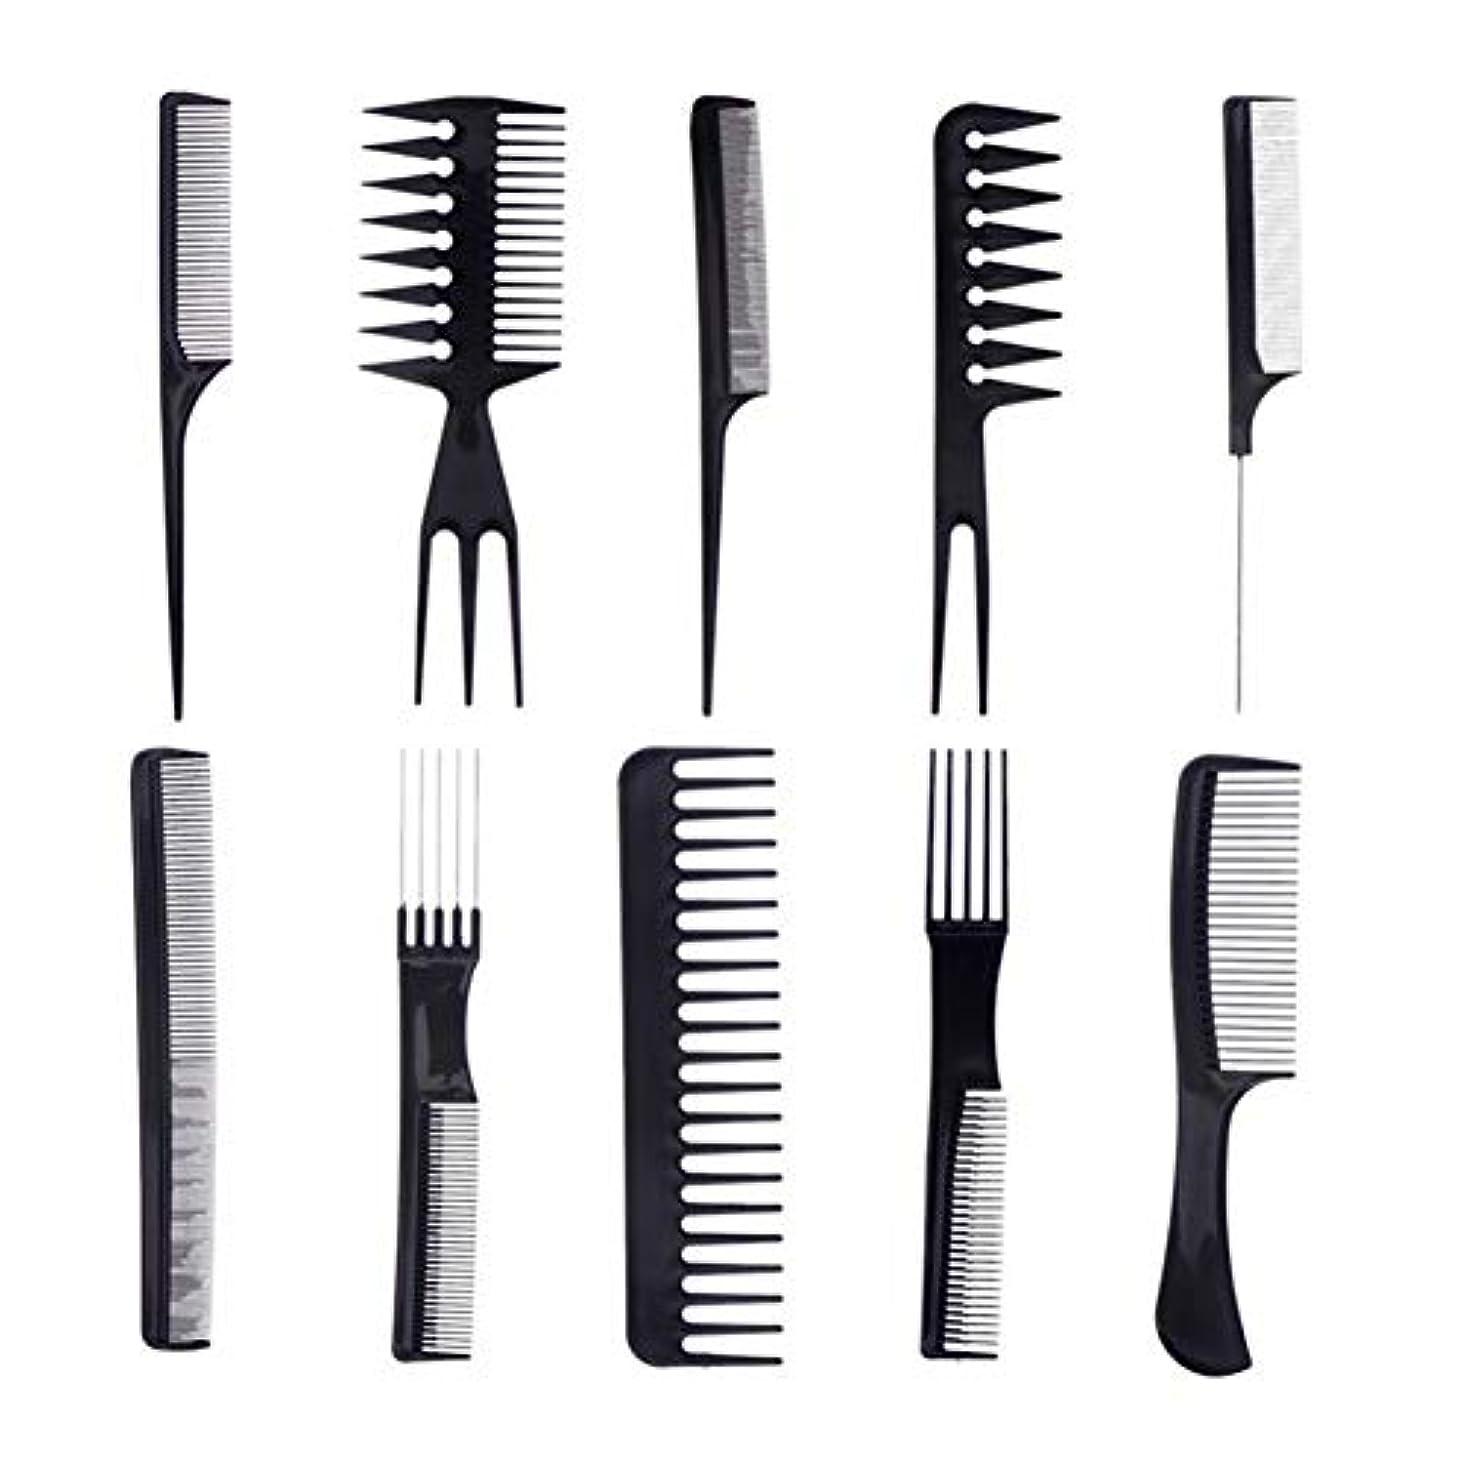 緊急作動する知性プロの櫛静電気防止コームのヘアーサロンビューティーサロンスタイリングツールや髪のすべてのタイプ(黒)の10 /セット